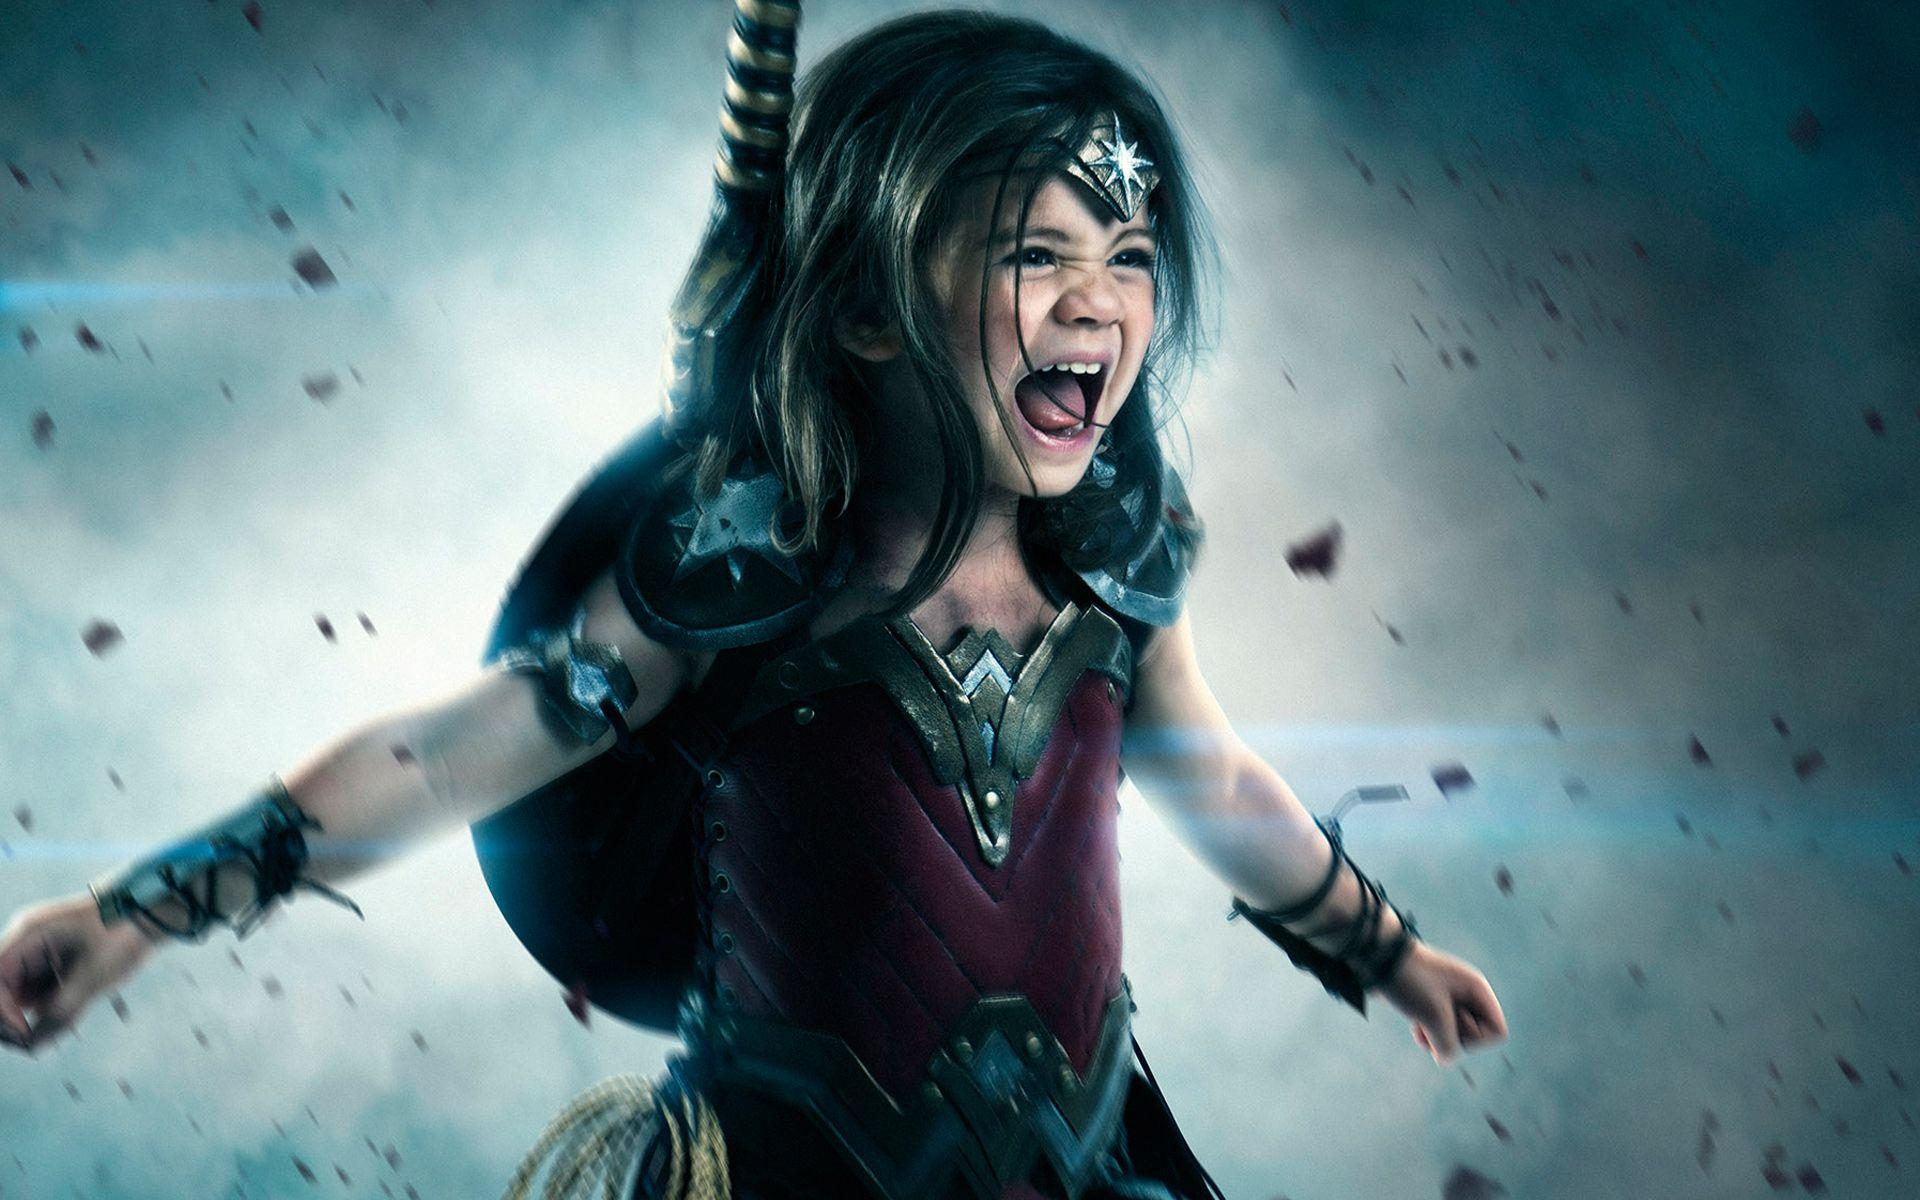 Cute Wonder Woman Wallpapers Hd Wallpapers Wonder Woman Wonder Woman Movie Wonder Woman Costume